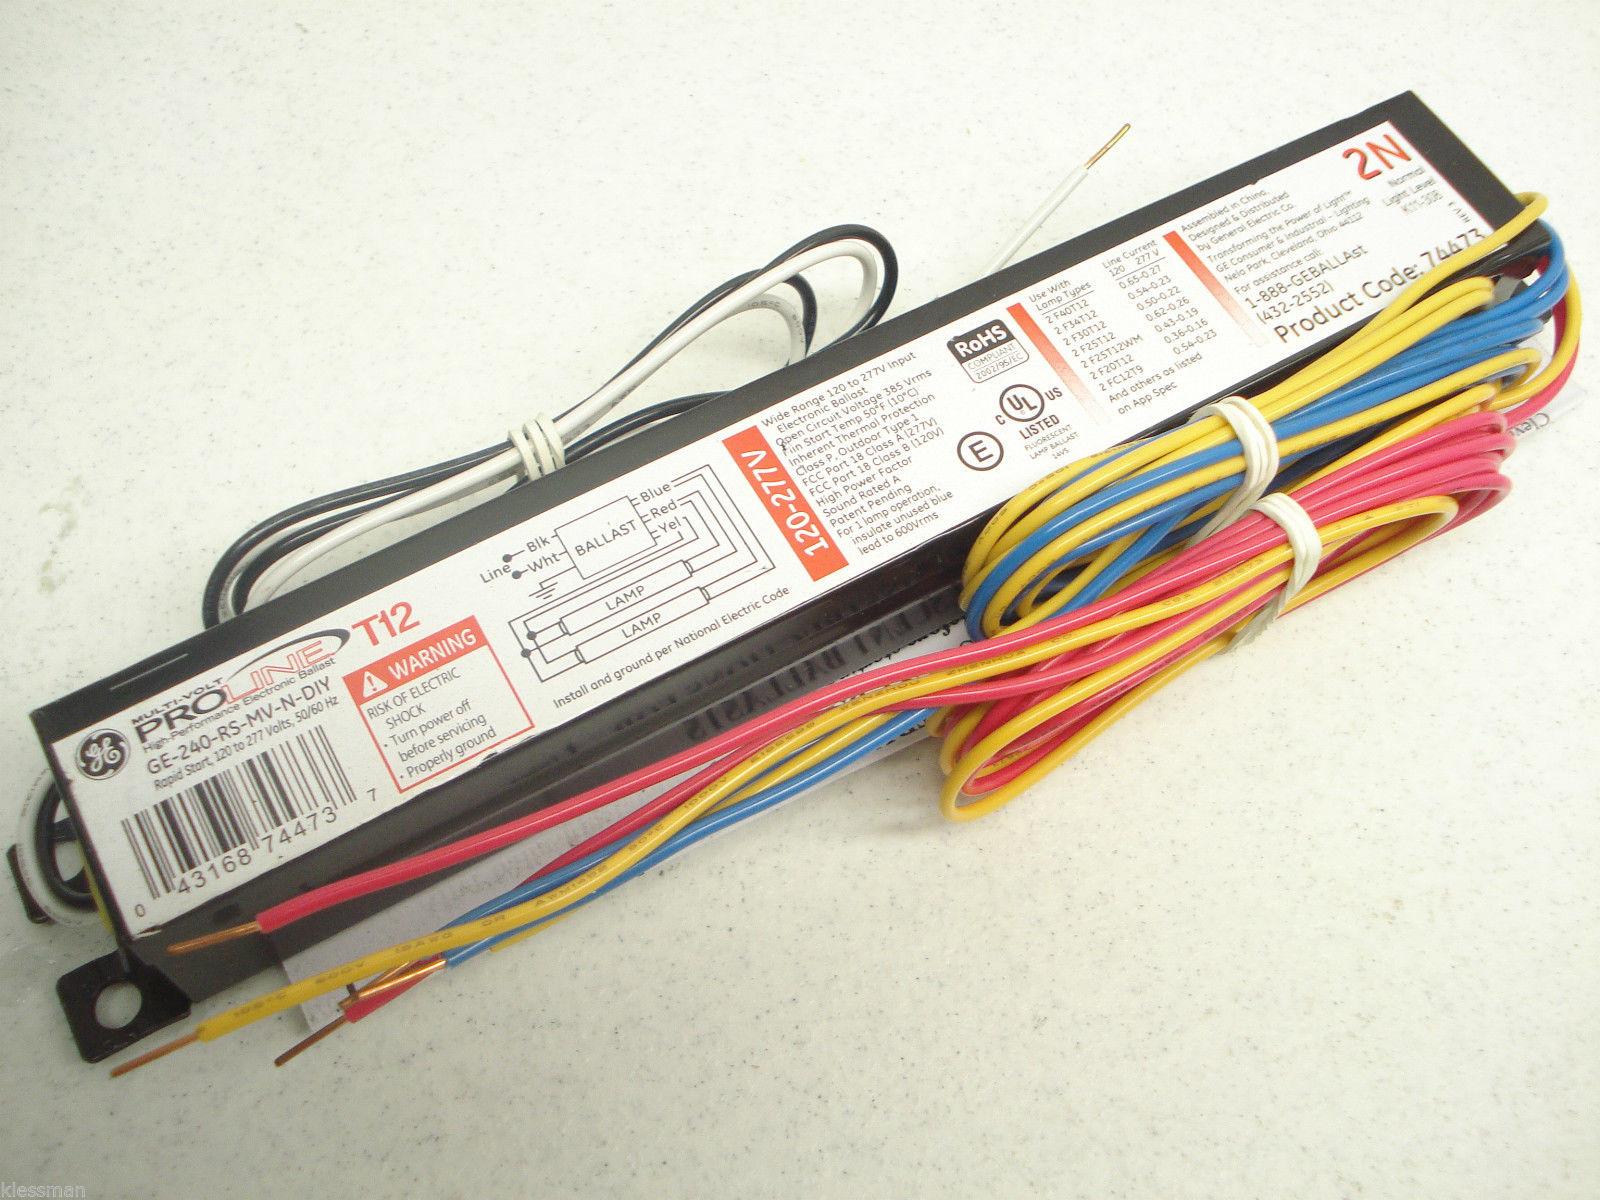 I am wiring a GE-240-RS-MV-N-DIY ballast for a 2-20w lamp bulb